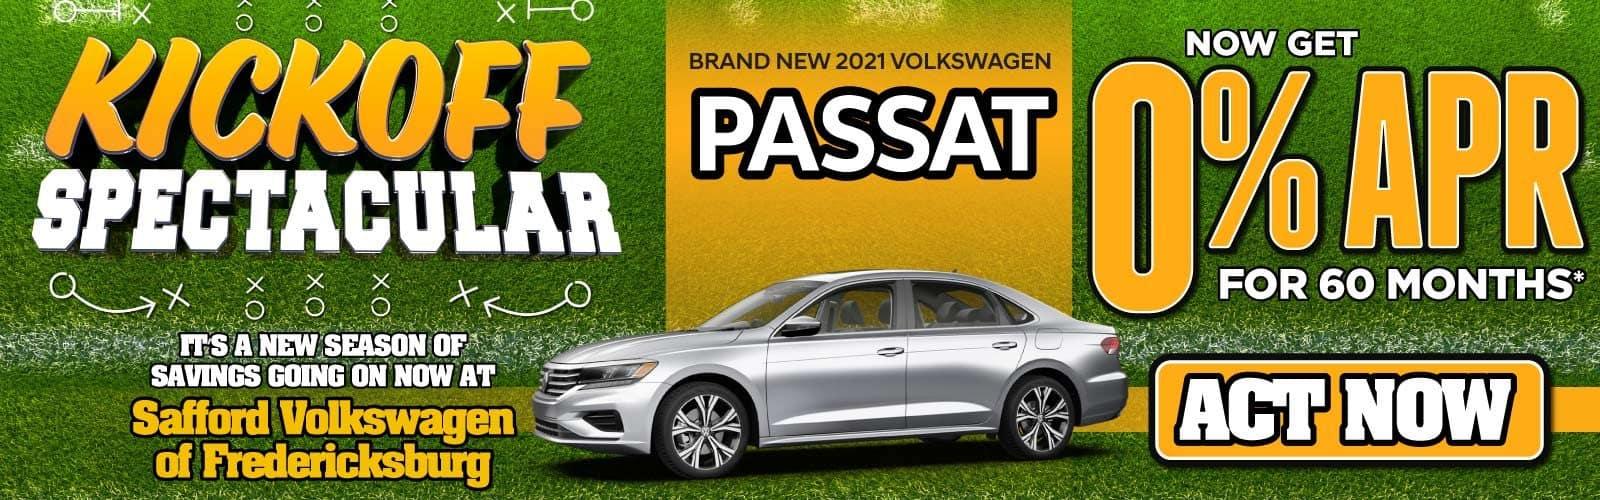 New 2021 Volkswagen Passat 0% APR for 60 Months — ACT NOW